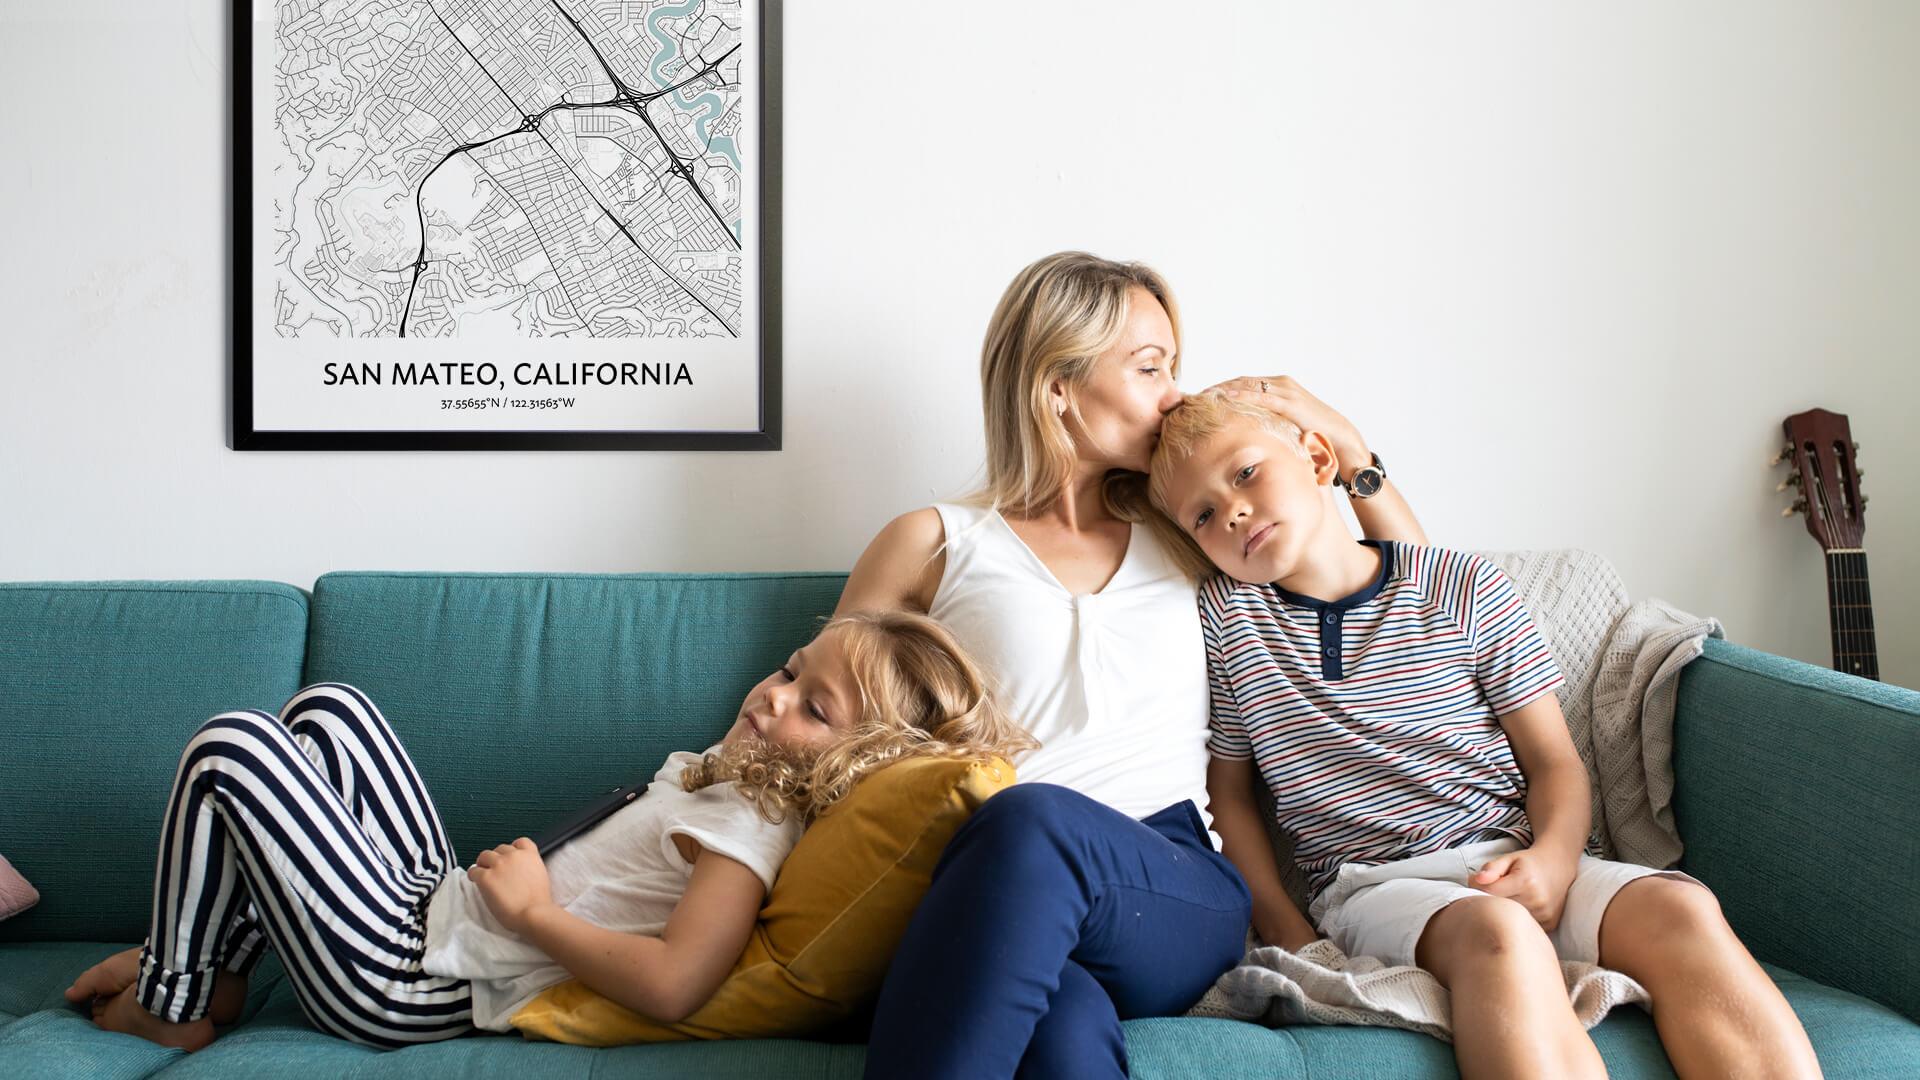 San Mateo map poster